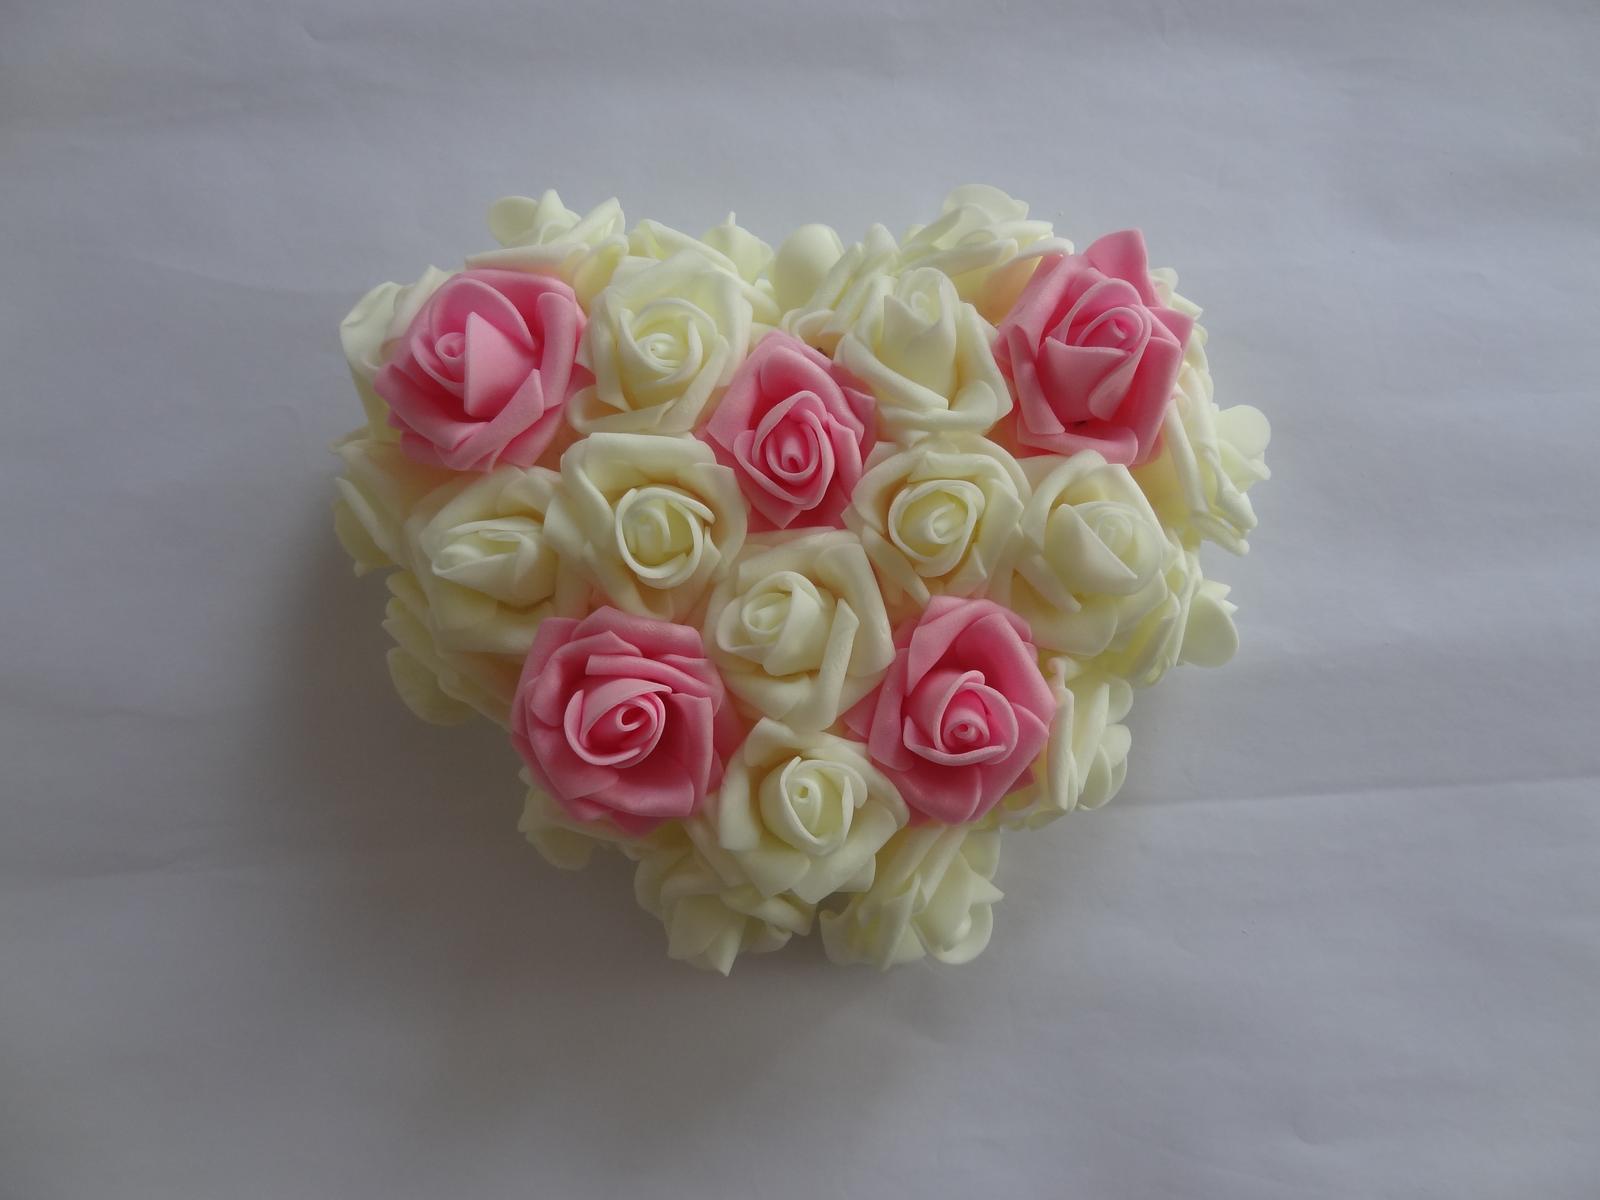 Srdíčko z pěnových růží - Obrázek č. 3